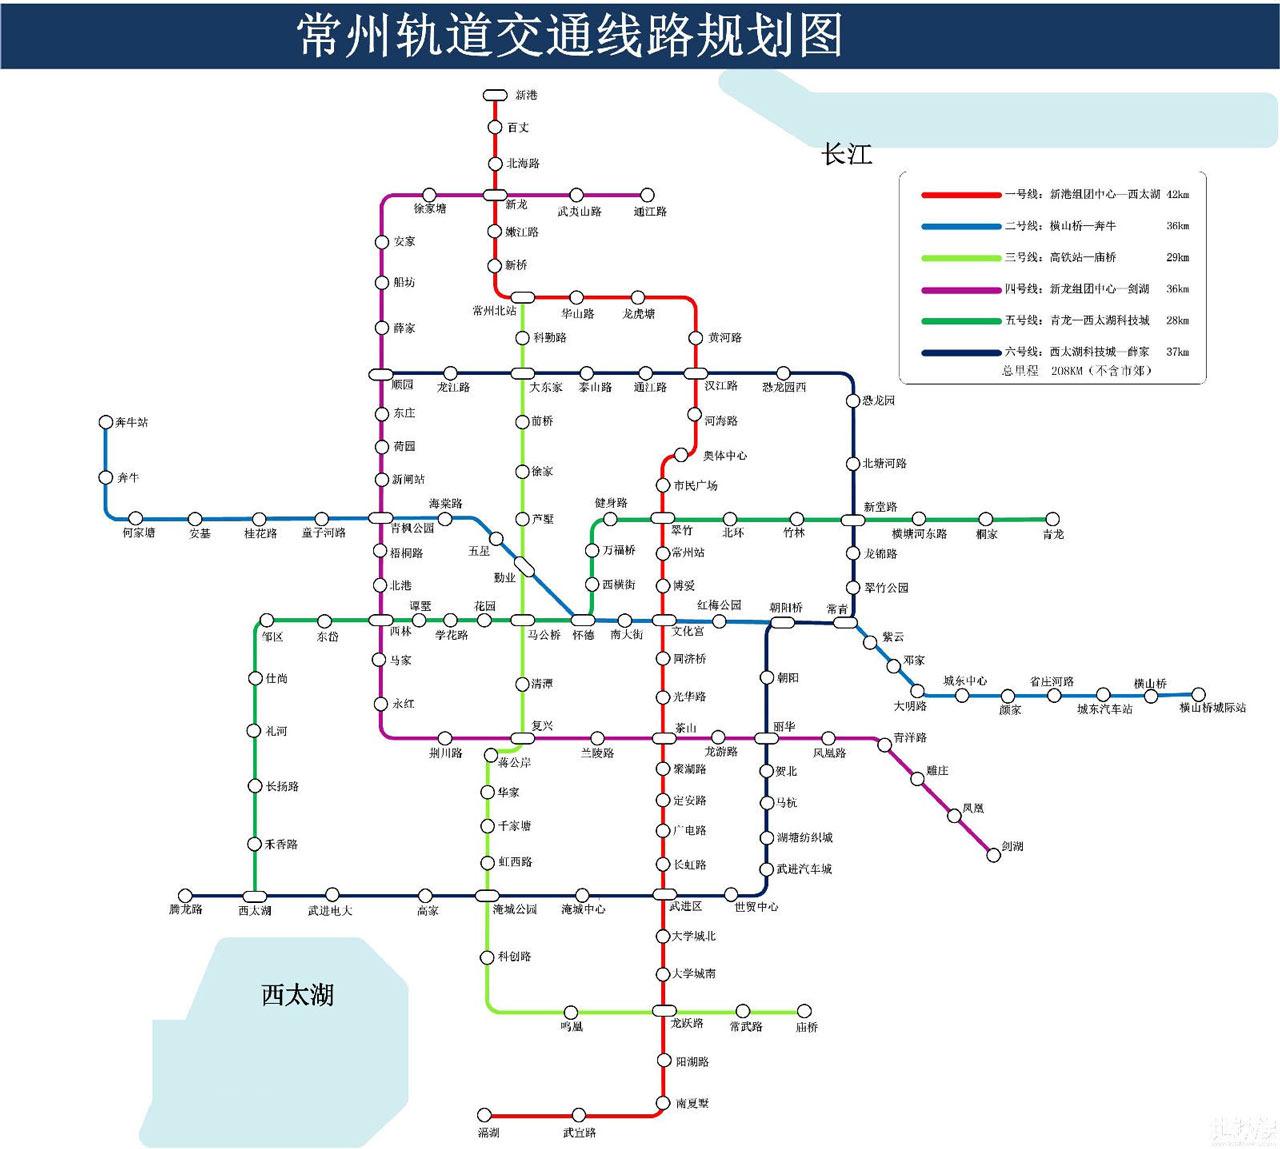 常州地铁规划图最新版:分享一份最新版常州地铁规划图